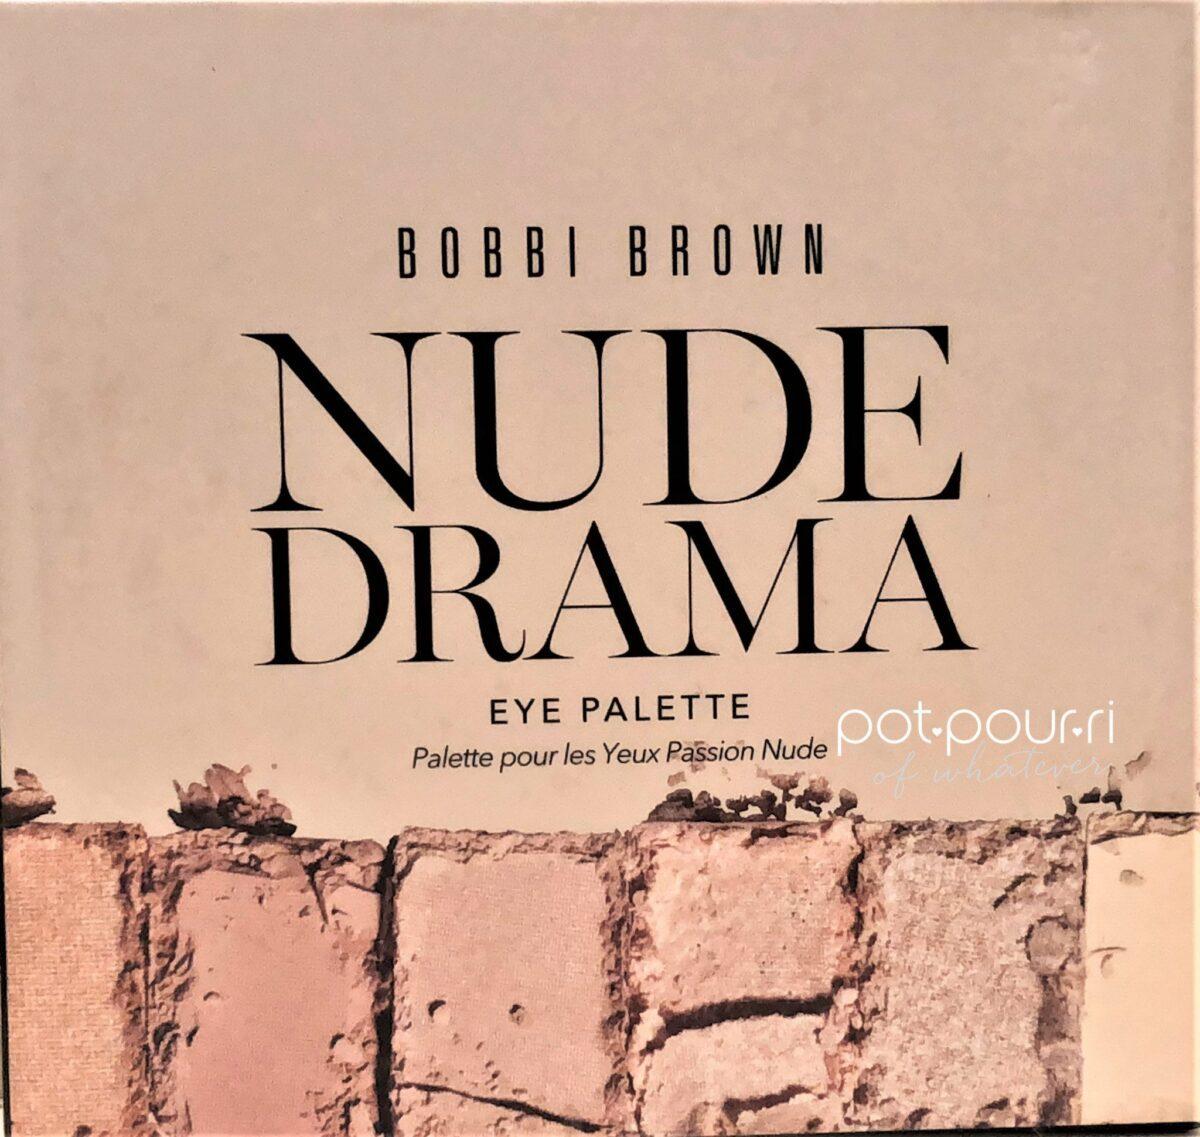 BOBBI BROWN NUDE DRAMA EYE PALETTE PACKAGING BOX